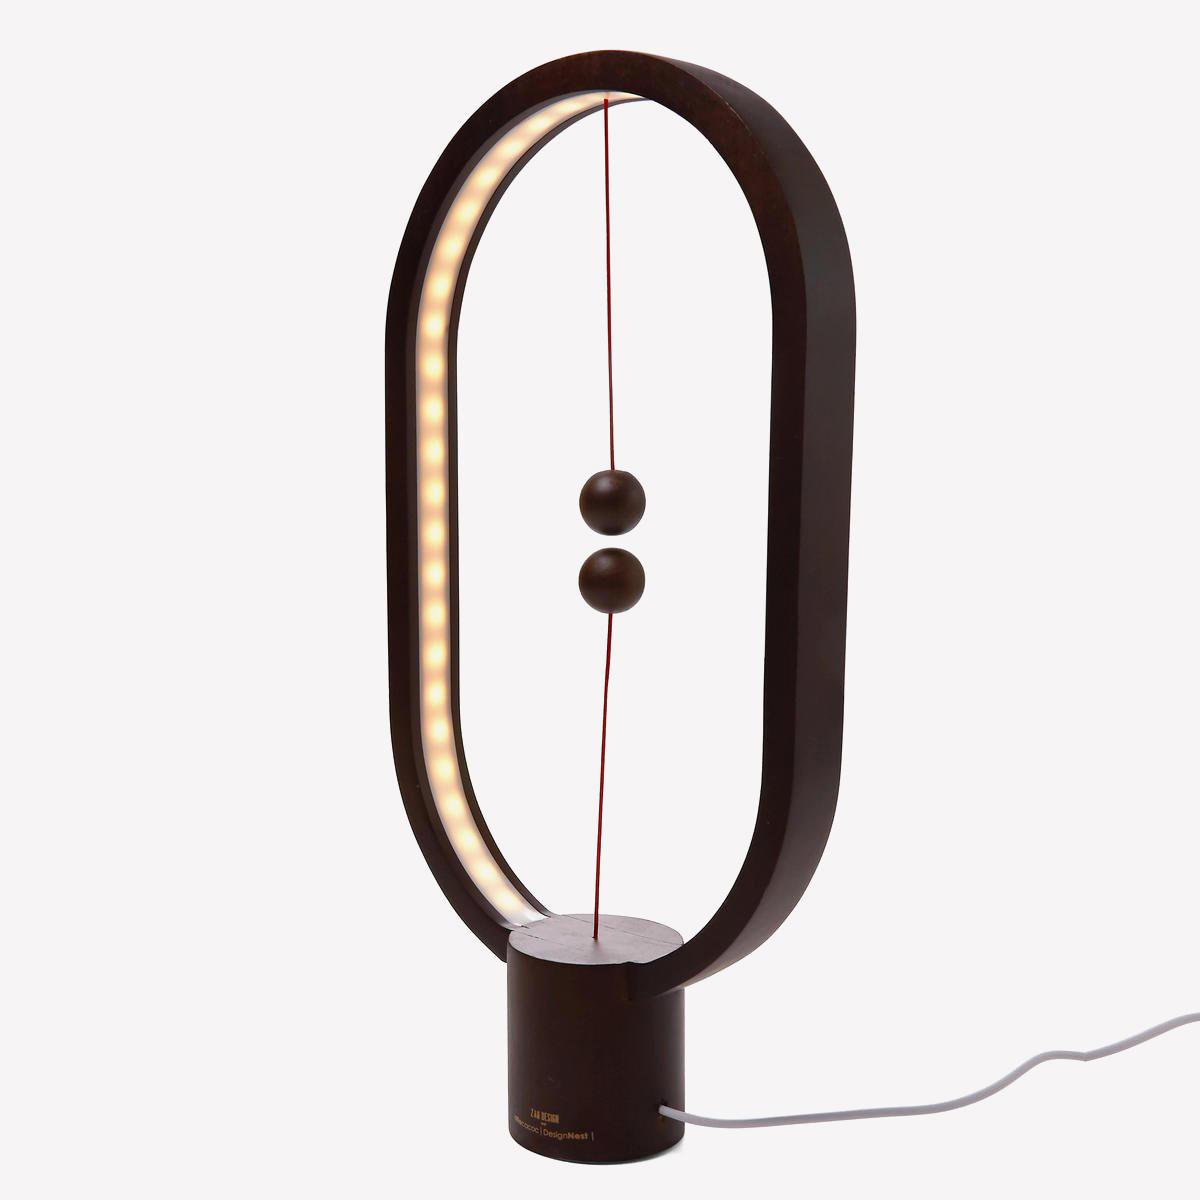 Ночник Allocacoc Heng Balance Lamp темное дерево (Венге)